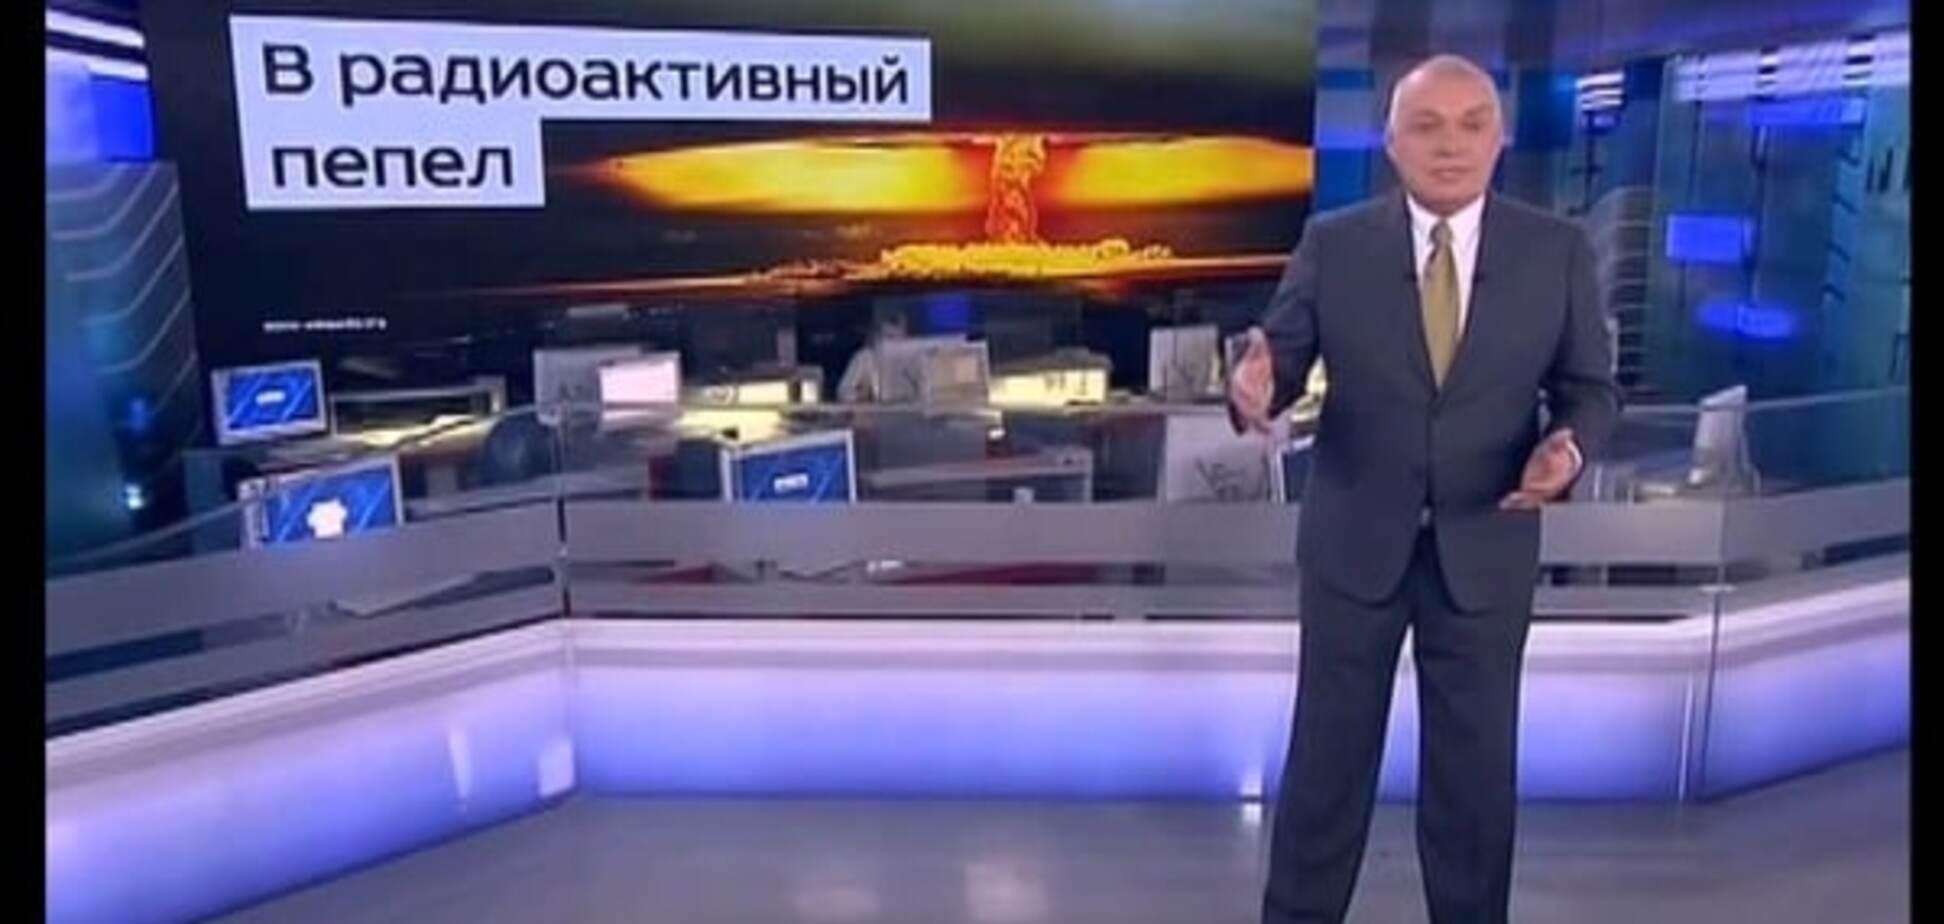 Російські 'ура-патріоти' сприймають ядерну війну як неминучість - блогер